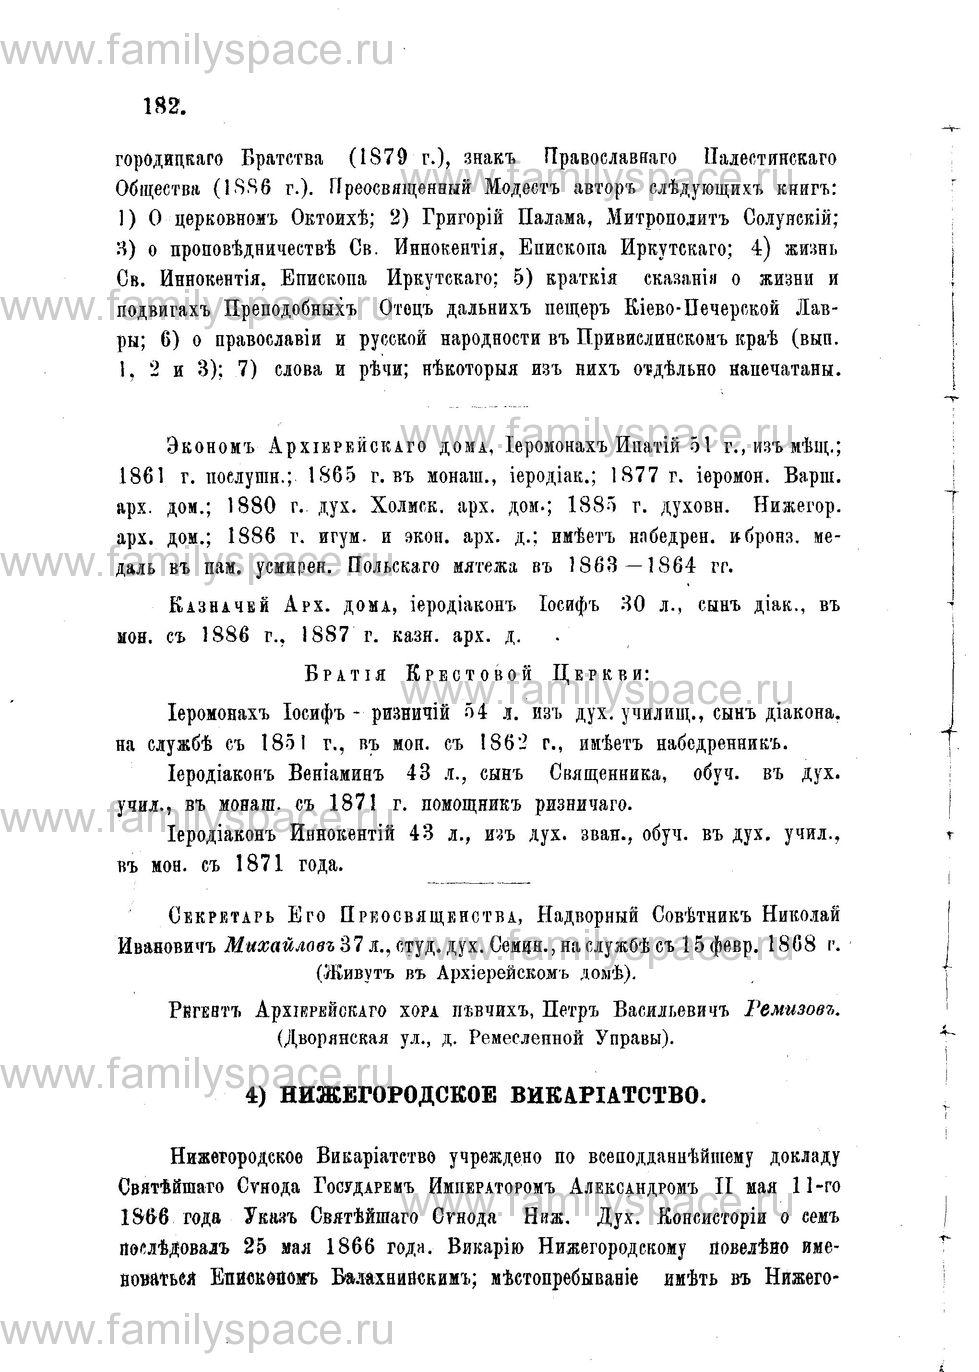 Поиск по фамилии - Адрес-календарь Нижегородской епархии на 1888 год, страница 1182